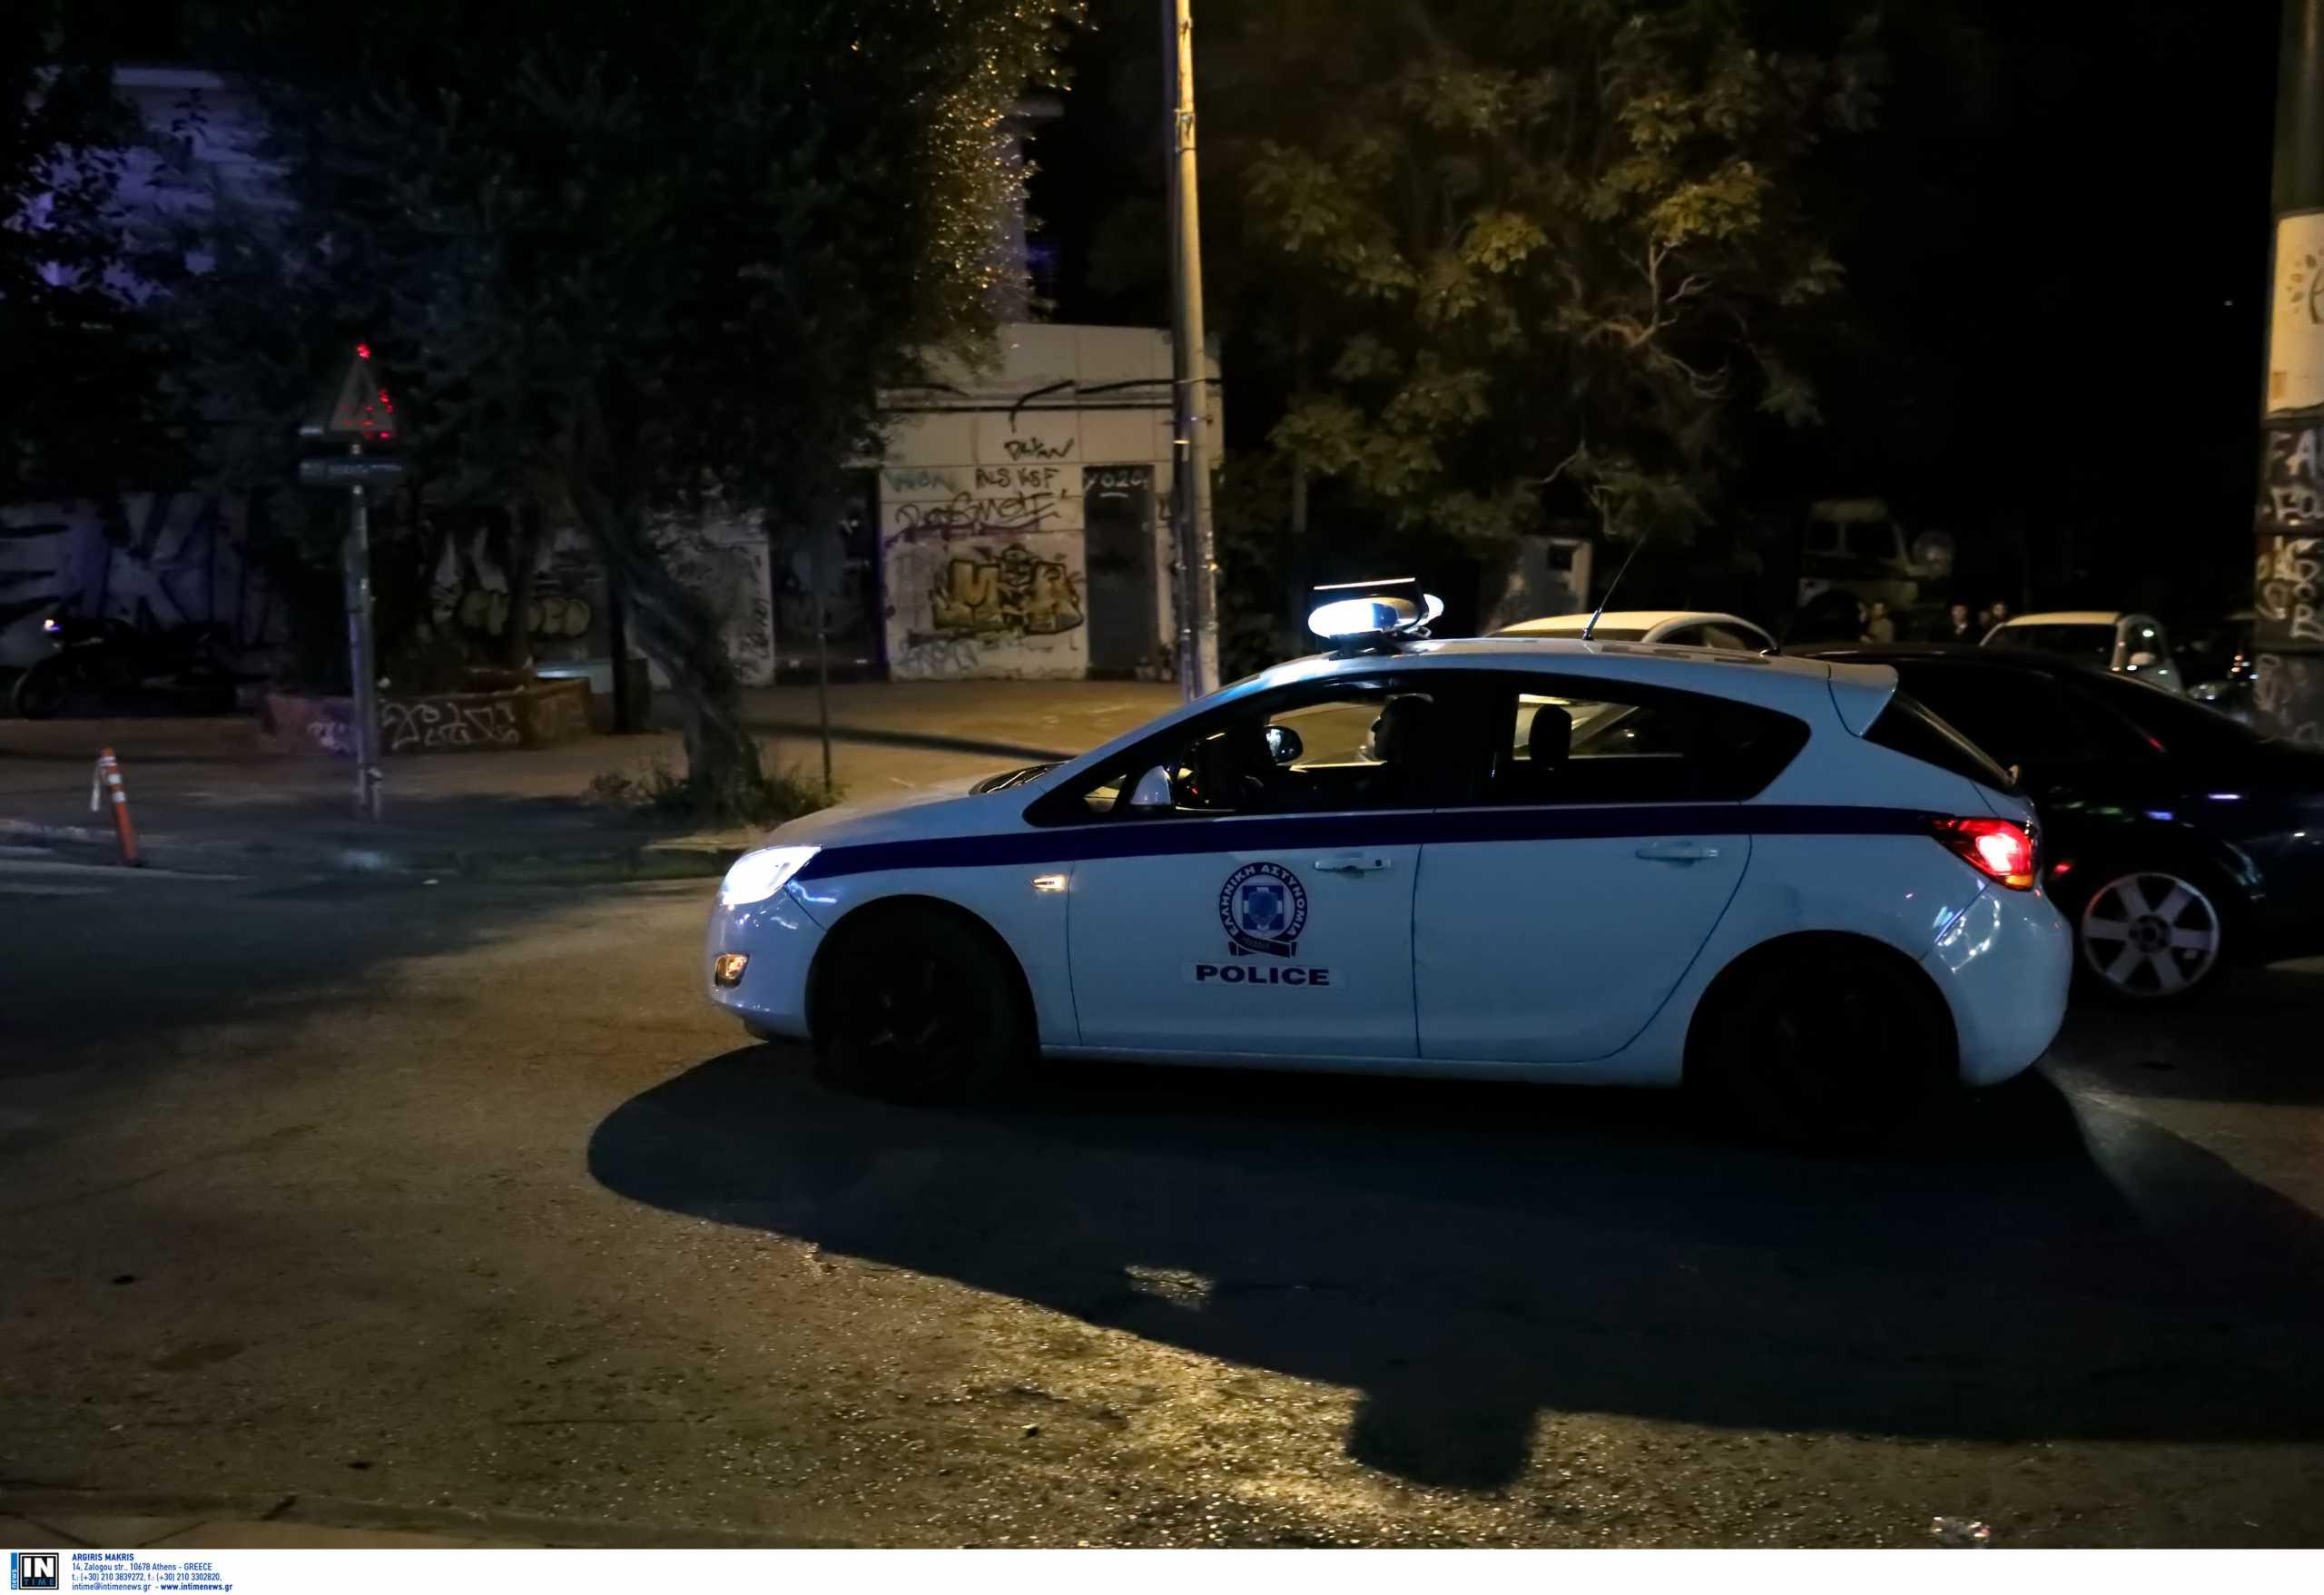 Θεσσαλονίκη: Νέα στοιχεία και εικόνες για τη στυγερή δολοφονία νεαρού έξω από φαστφουντάδικο